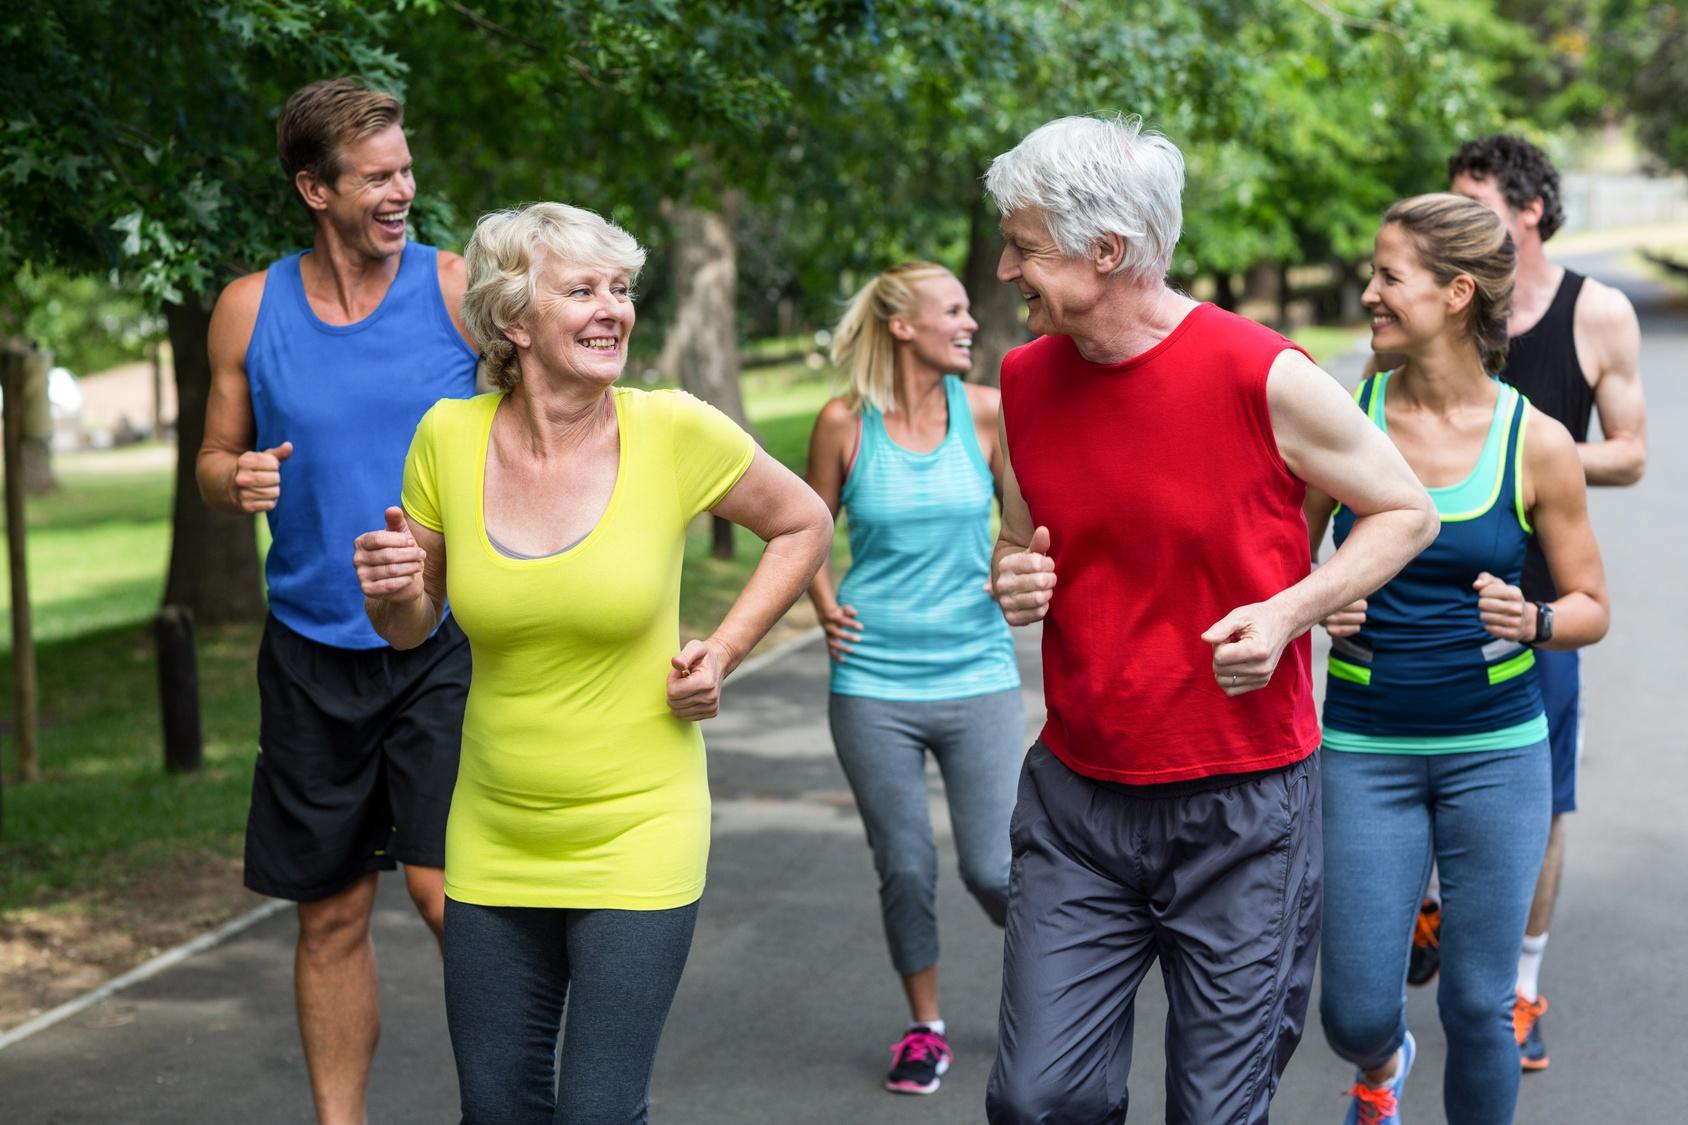 Correr ajuda a perder peso?